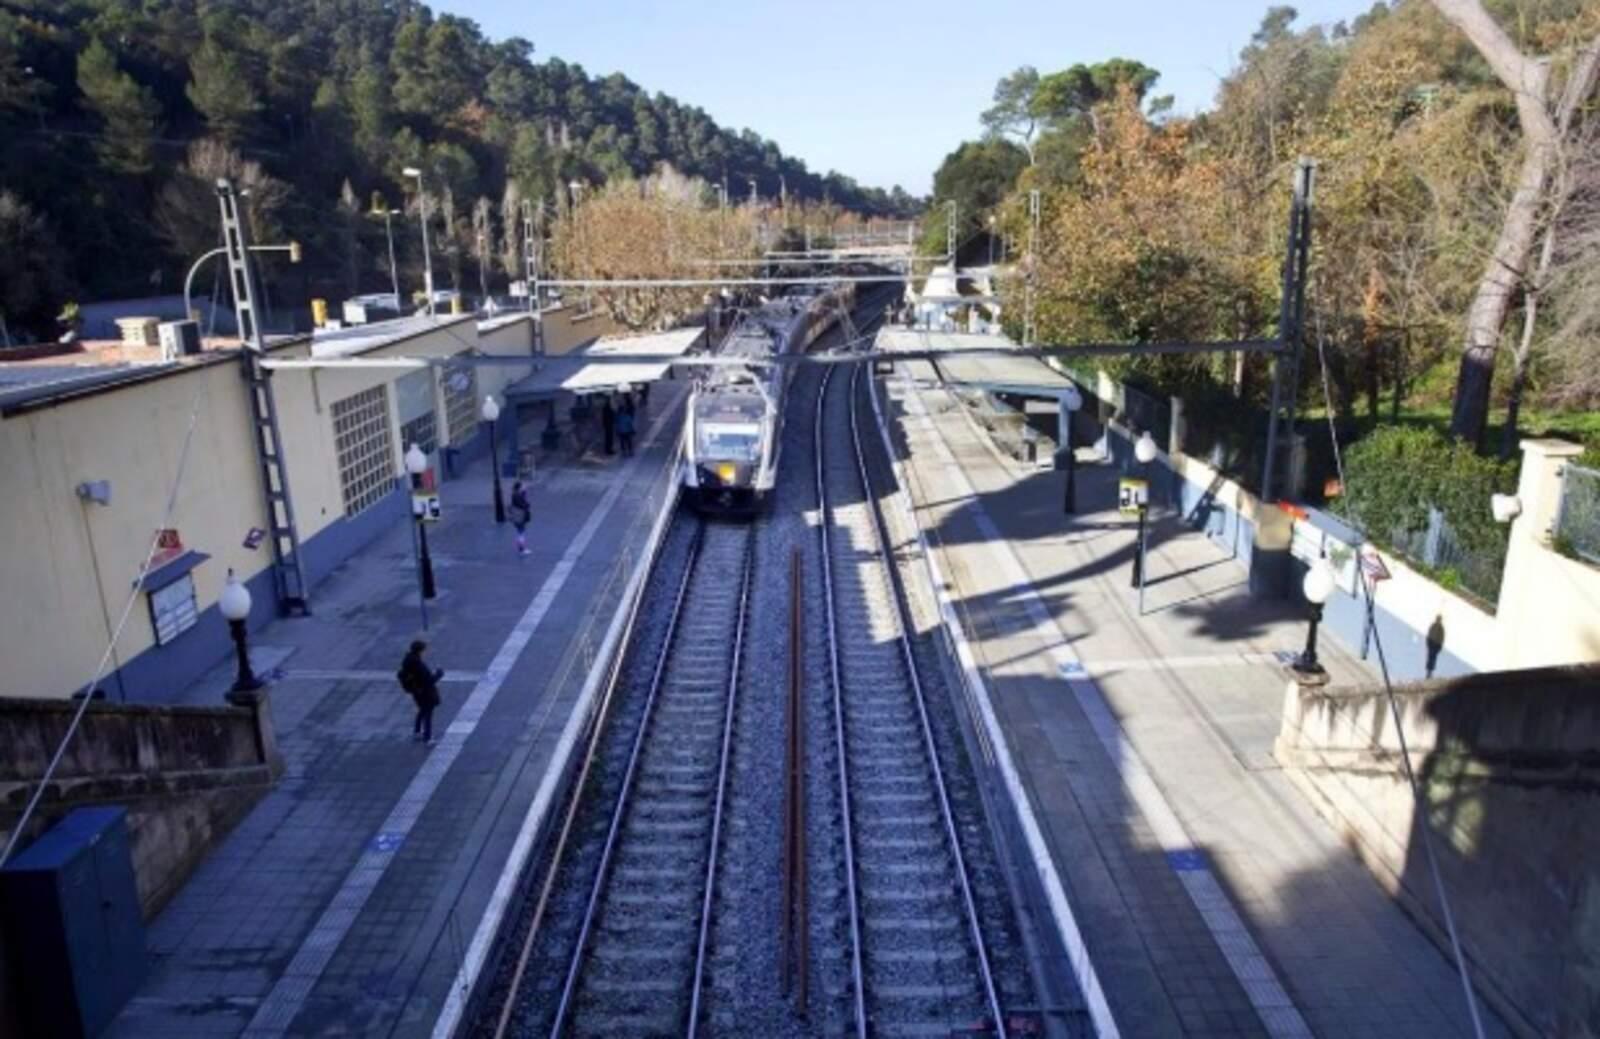 El baixador de Vallvidrera és l'última parada abans d'entrar a l'històric túnel ferroviari que travessa Collserola